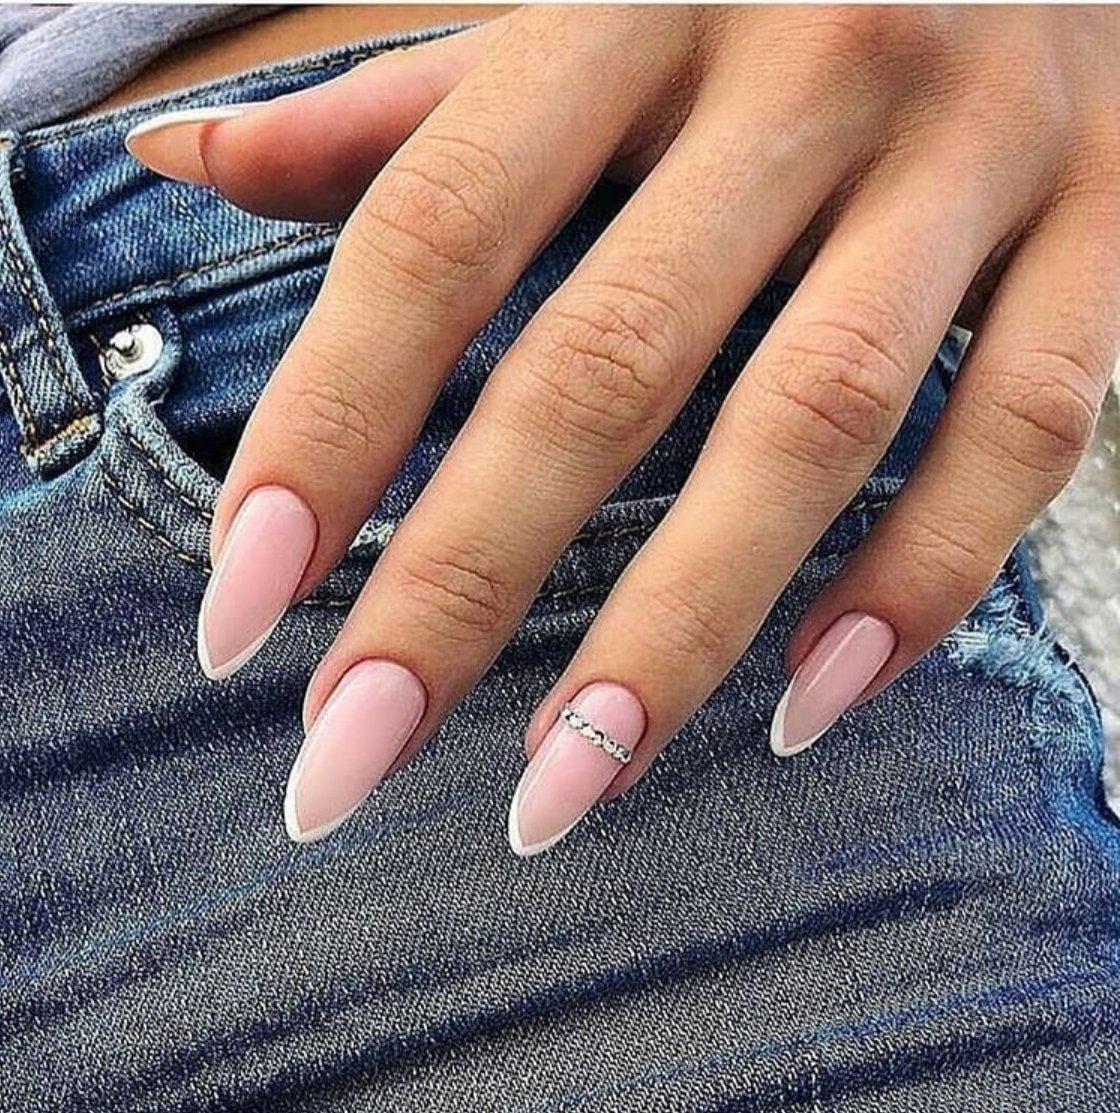 Дизайн ногтей гель лаком с объемными цветами фото одна